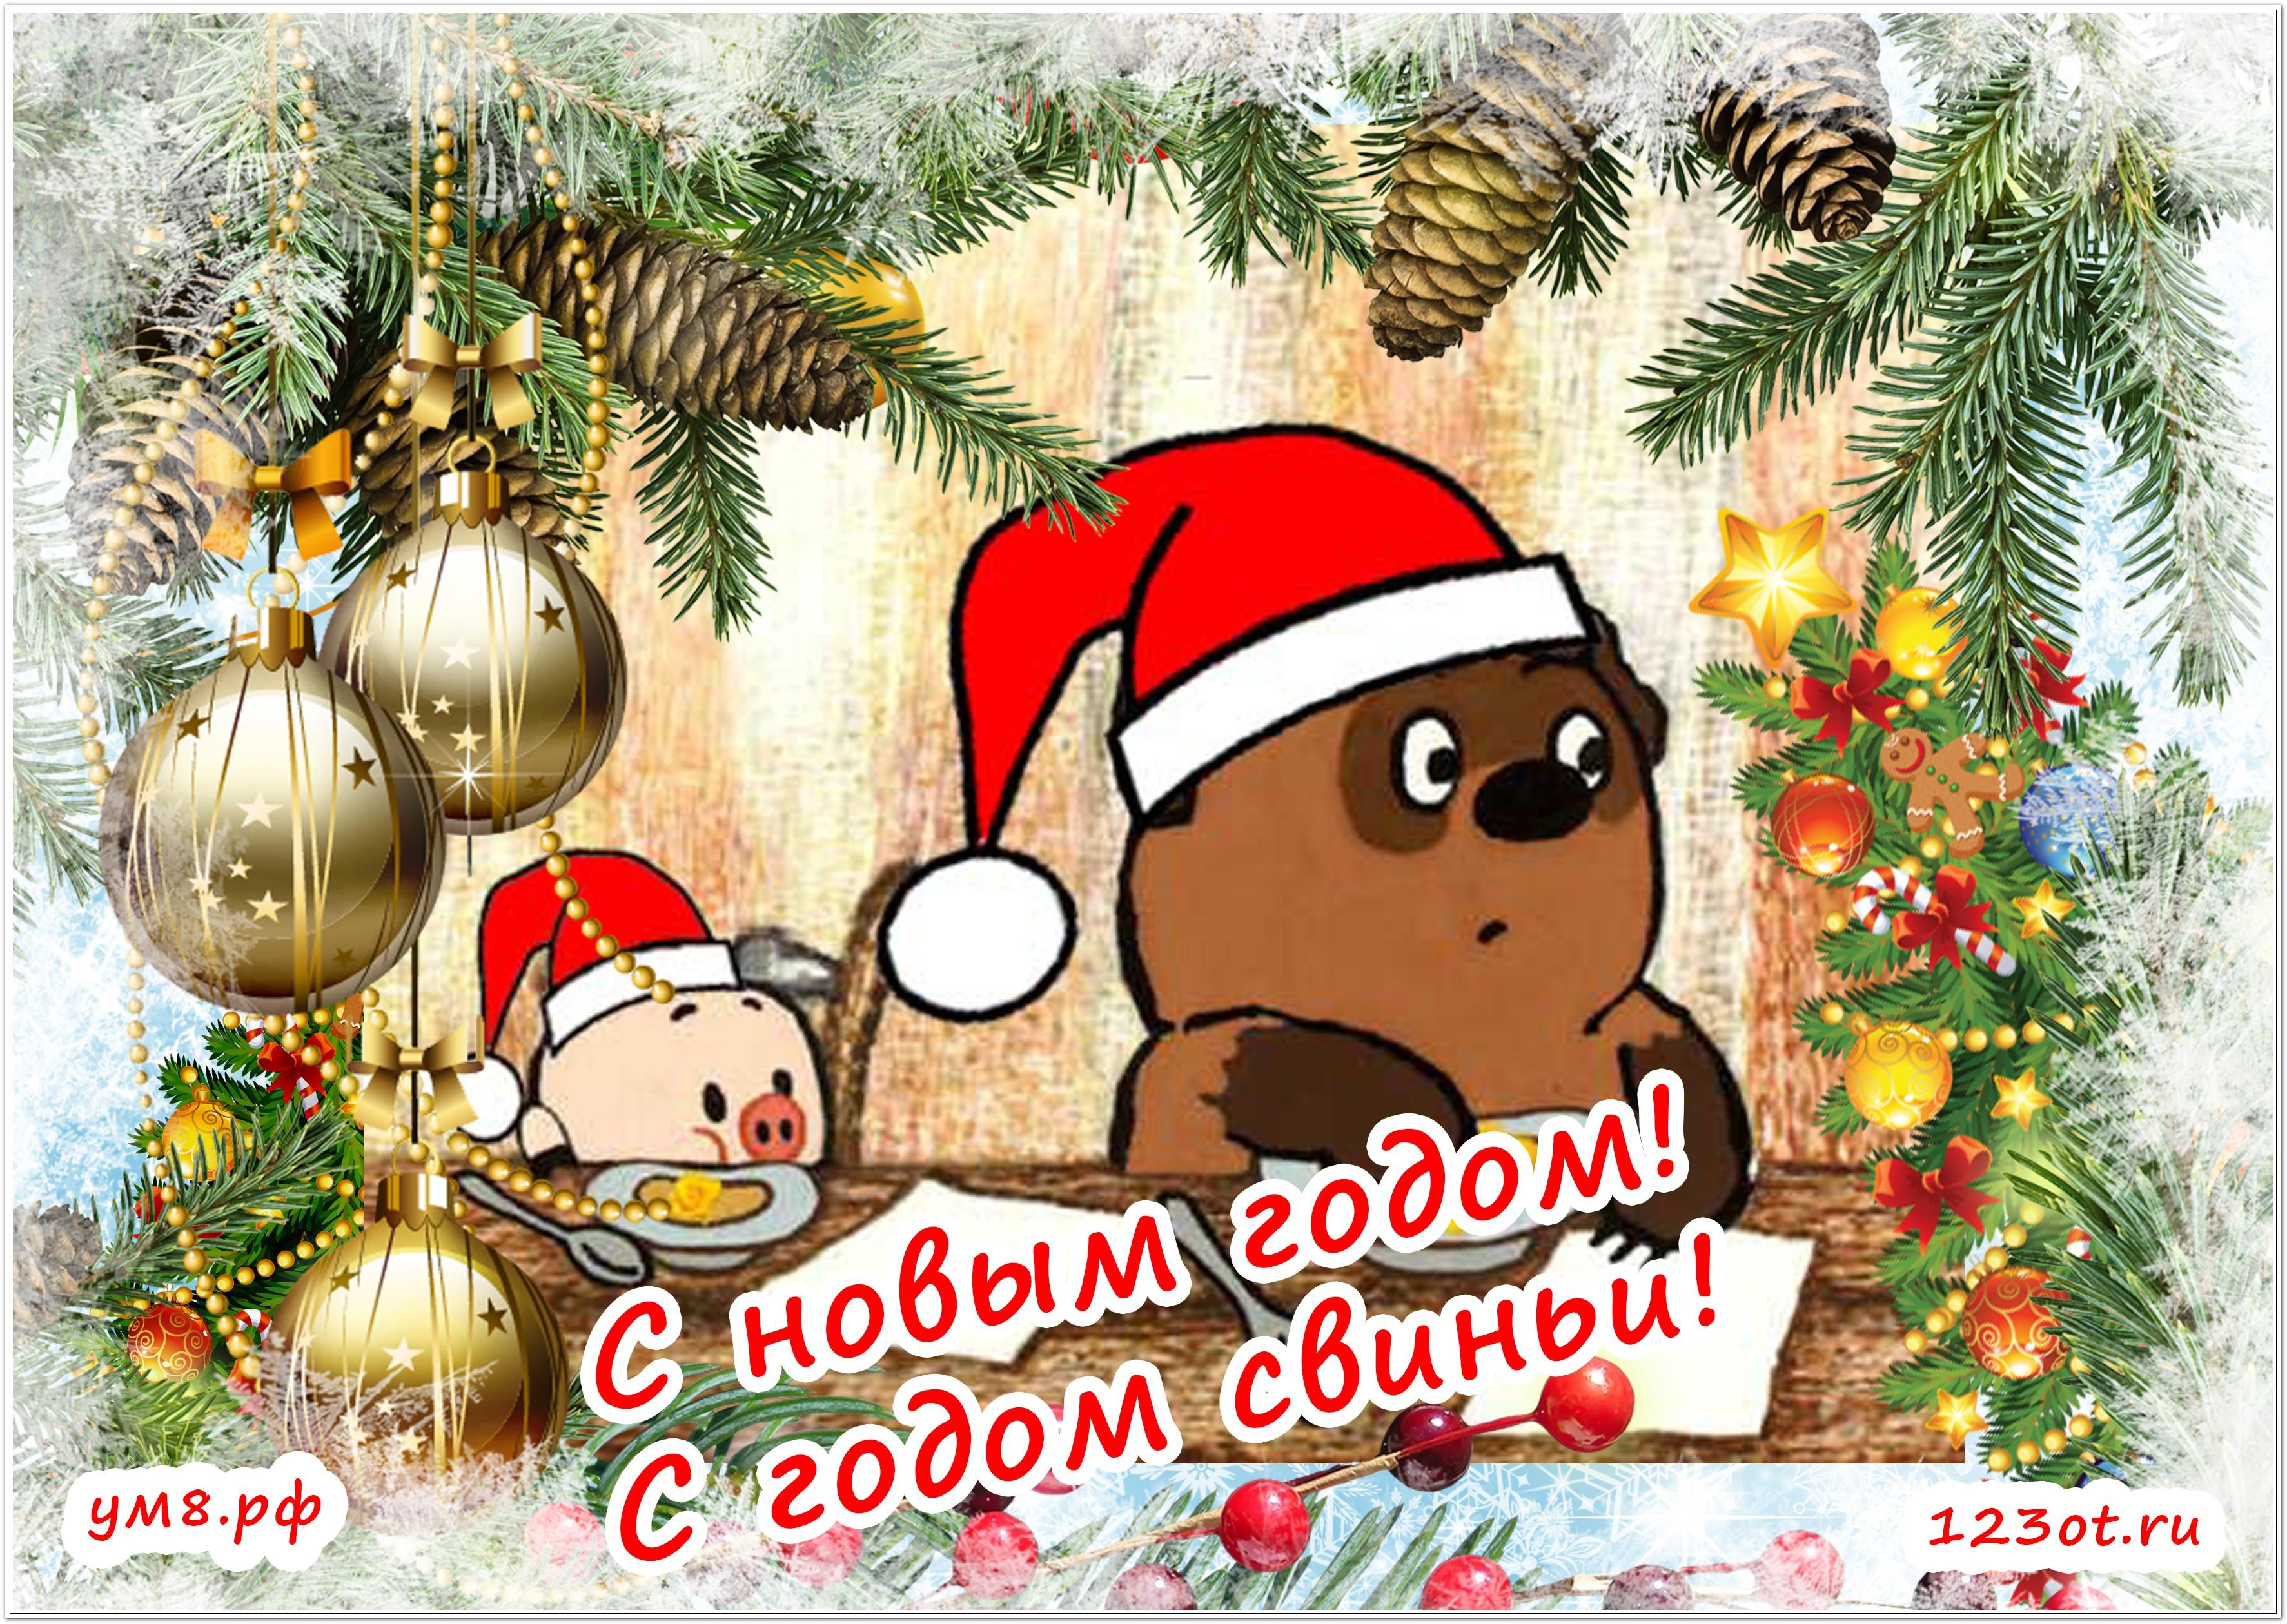 Поздравительные открытки с годом свиньи 2019, красивую открытку скайпу